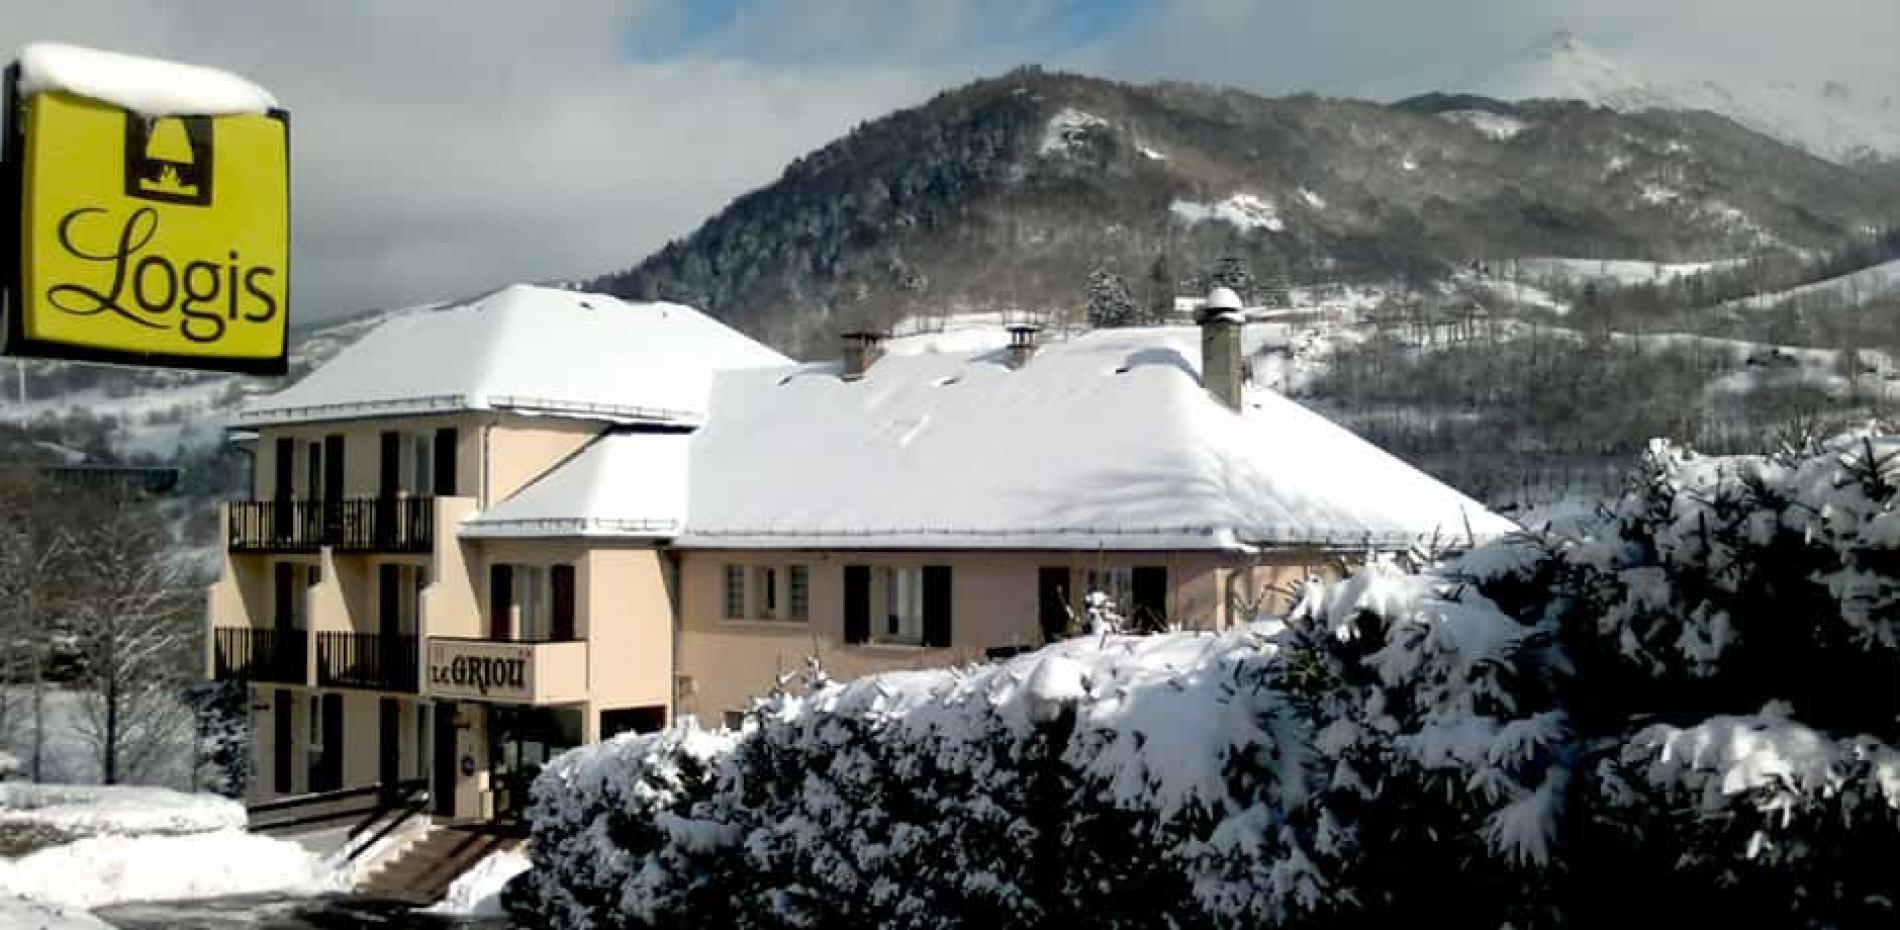 Hôtel Le Griou Saint Jacques des Blats Lioran